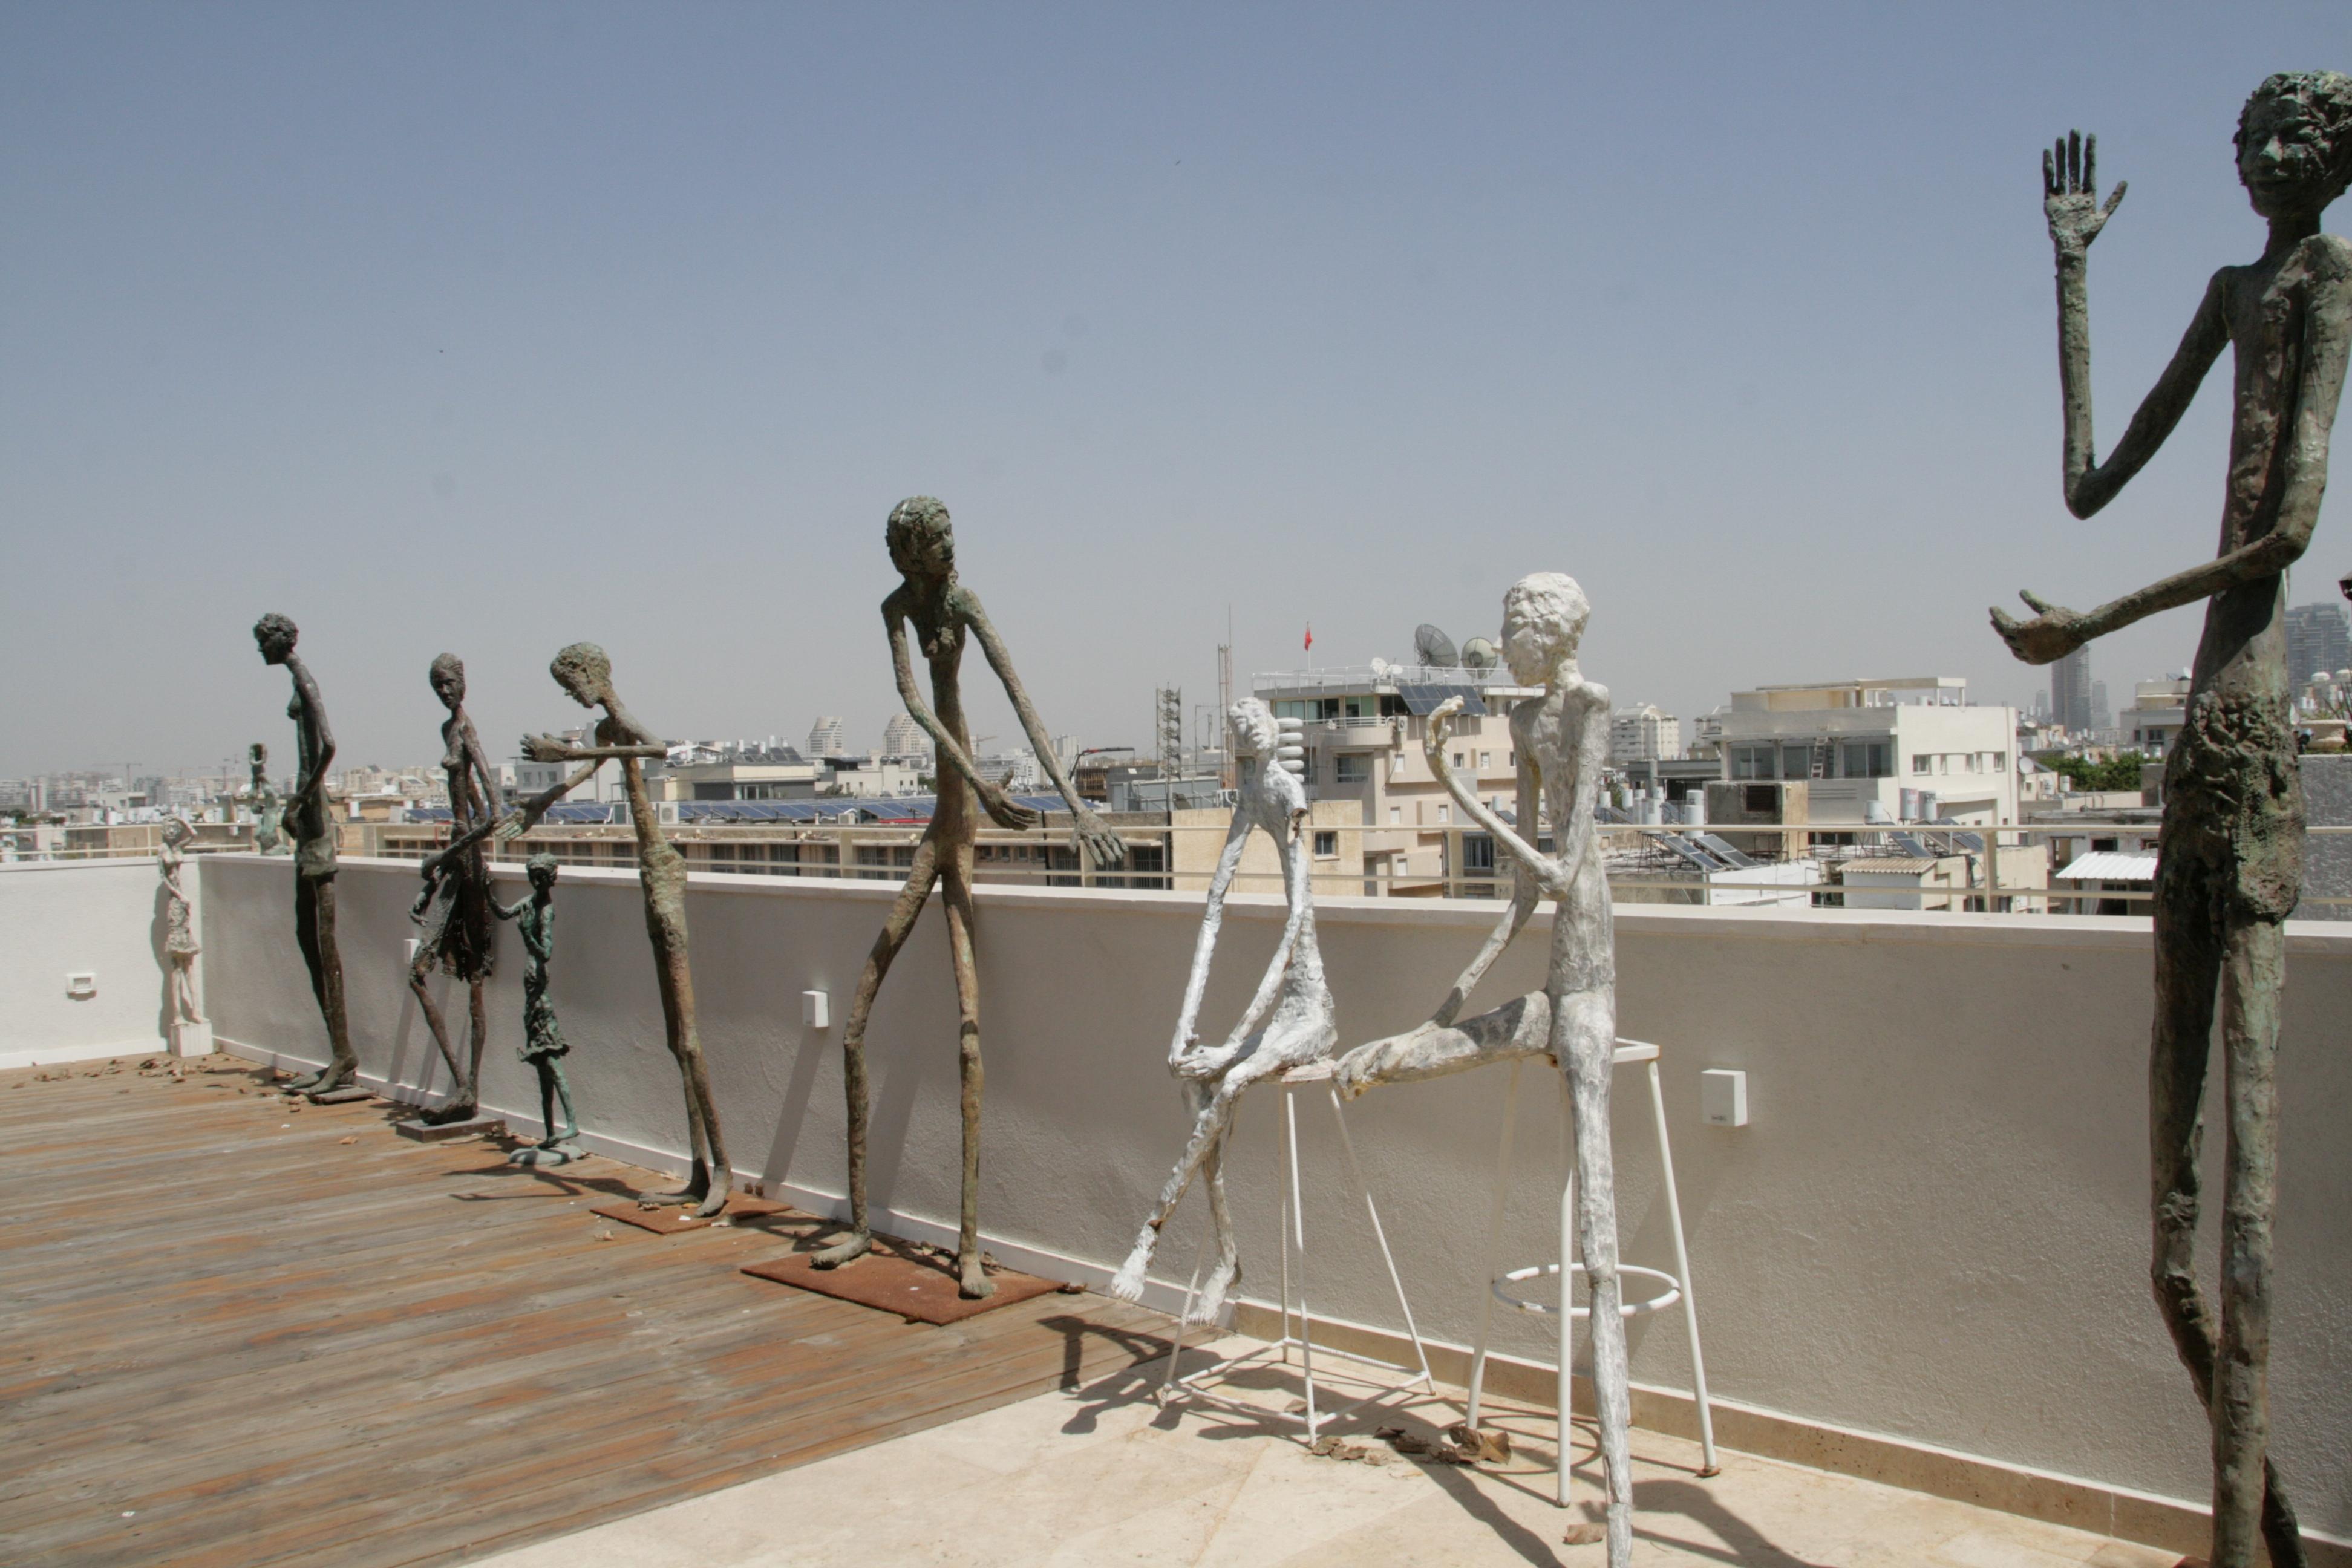 מרפסת גג בדירה בתל אביב